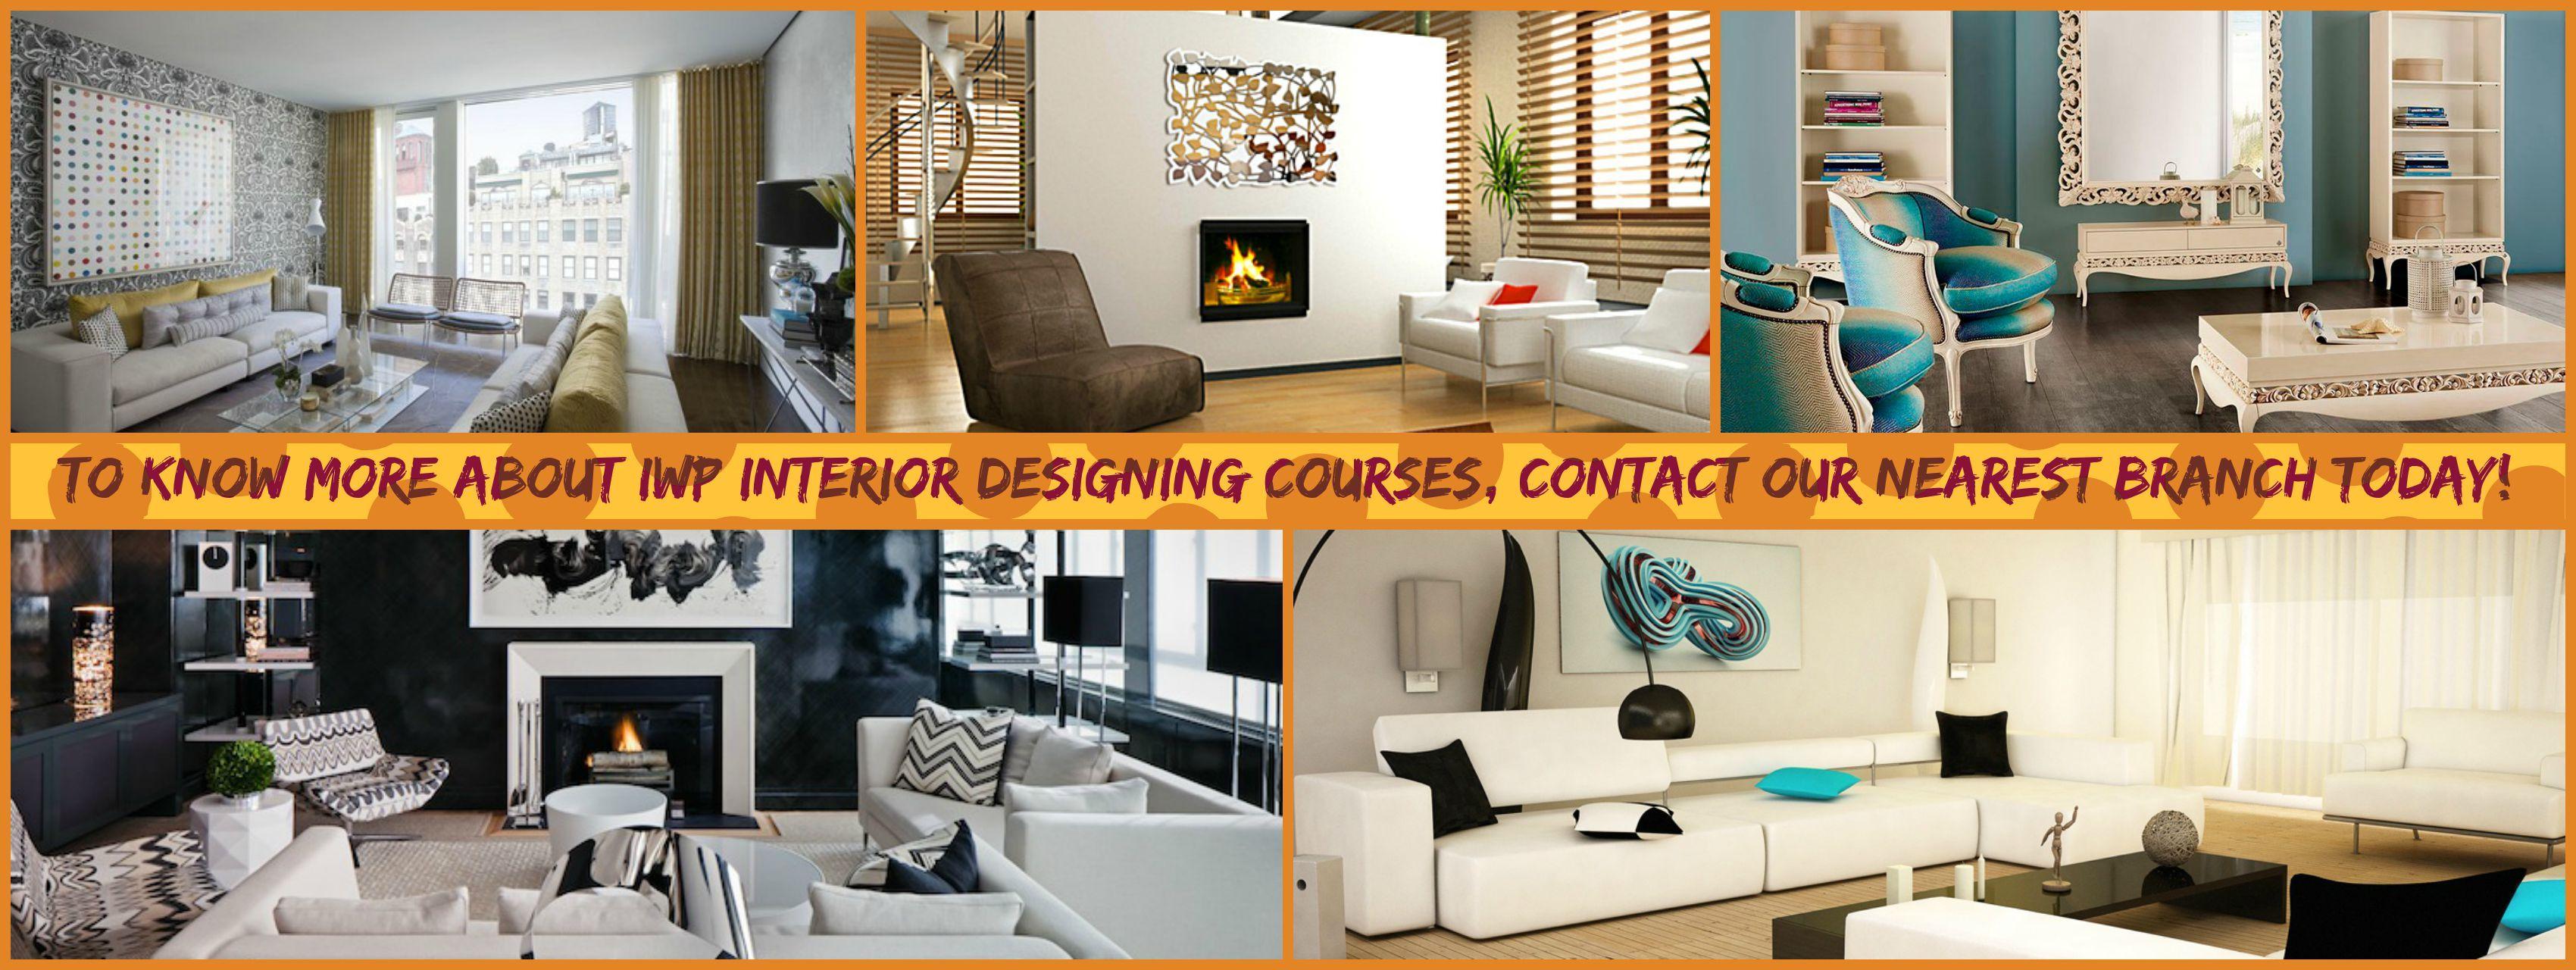 Interior Design And Decoration Course Details Valoblogi Com